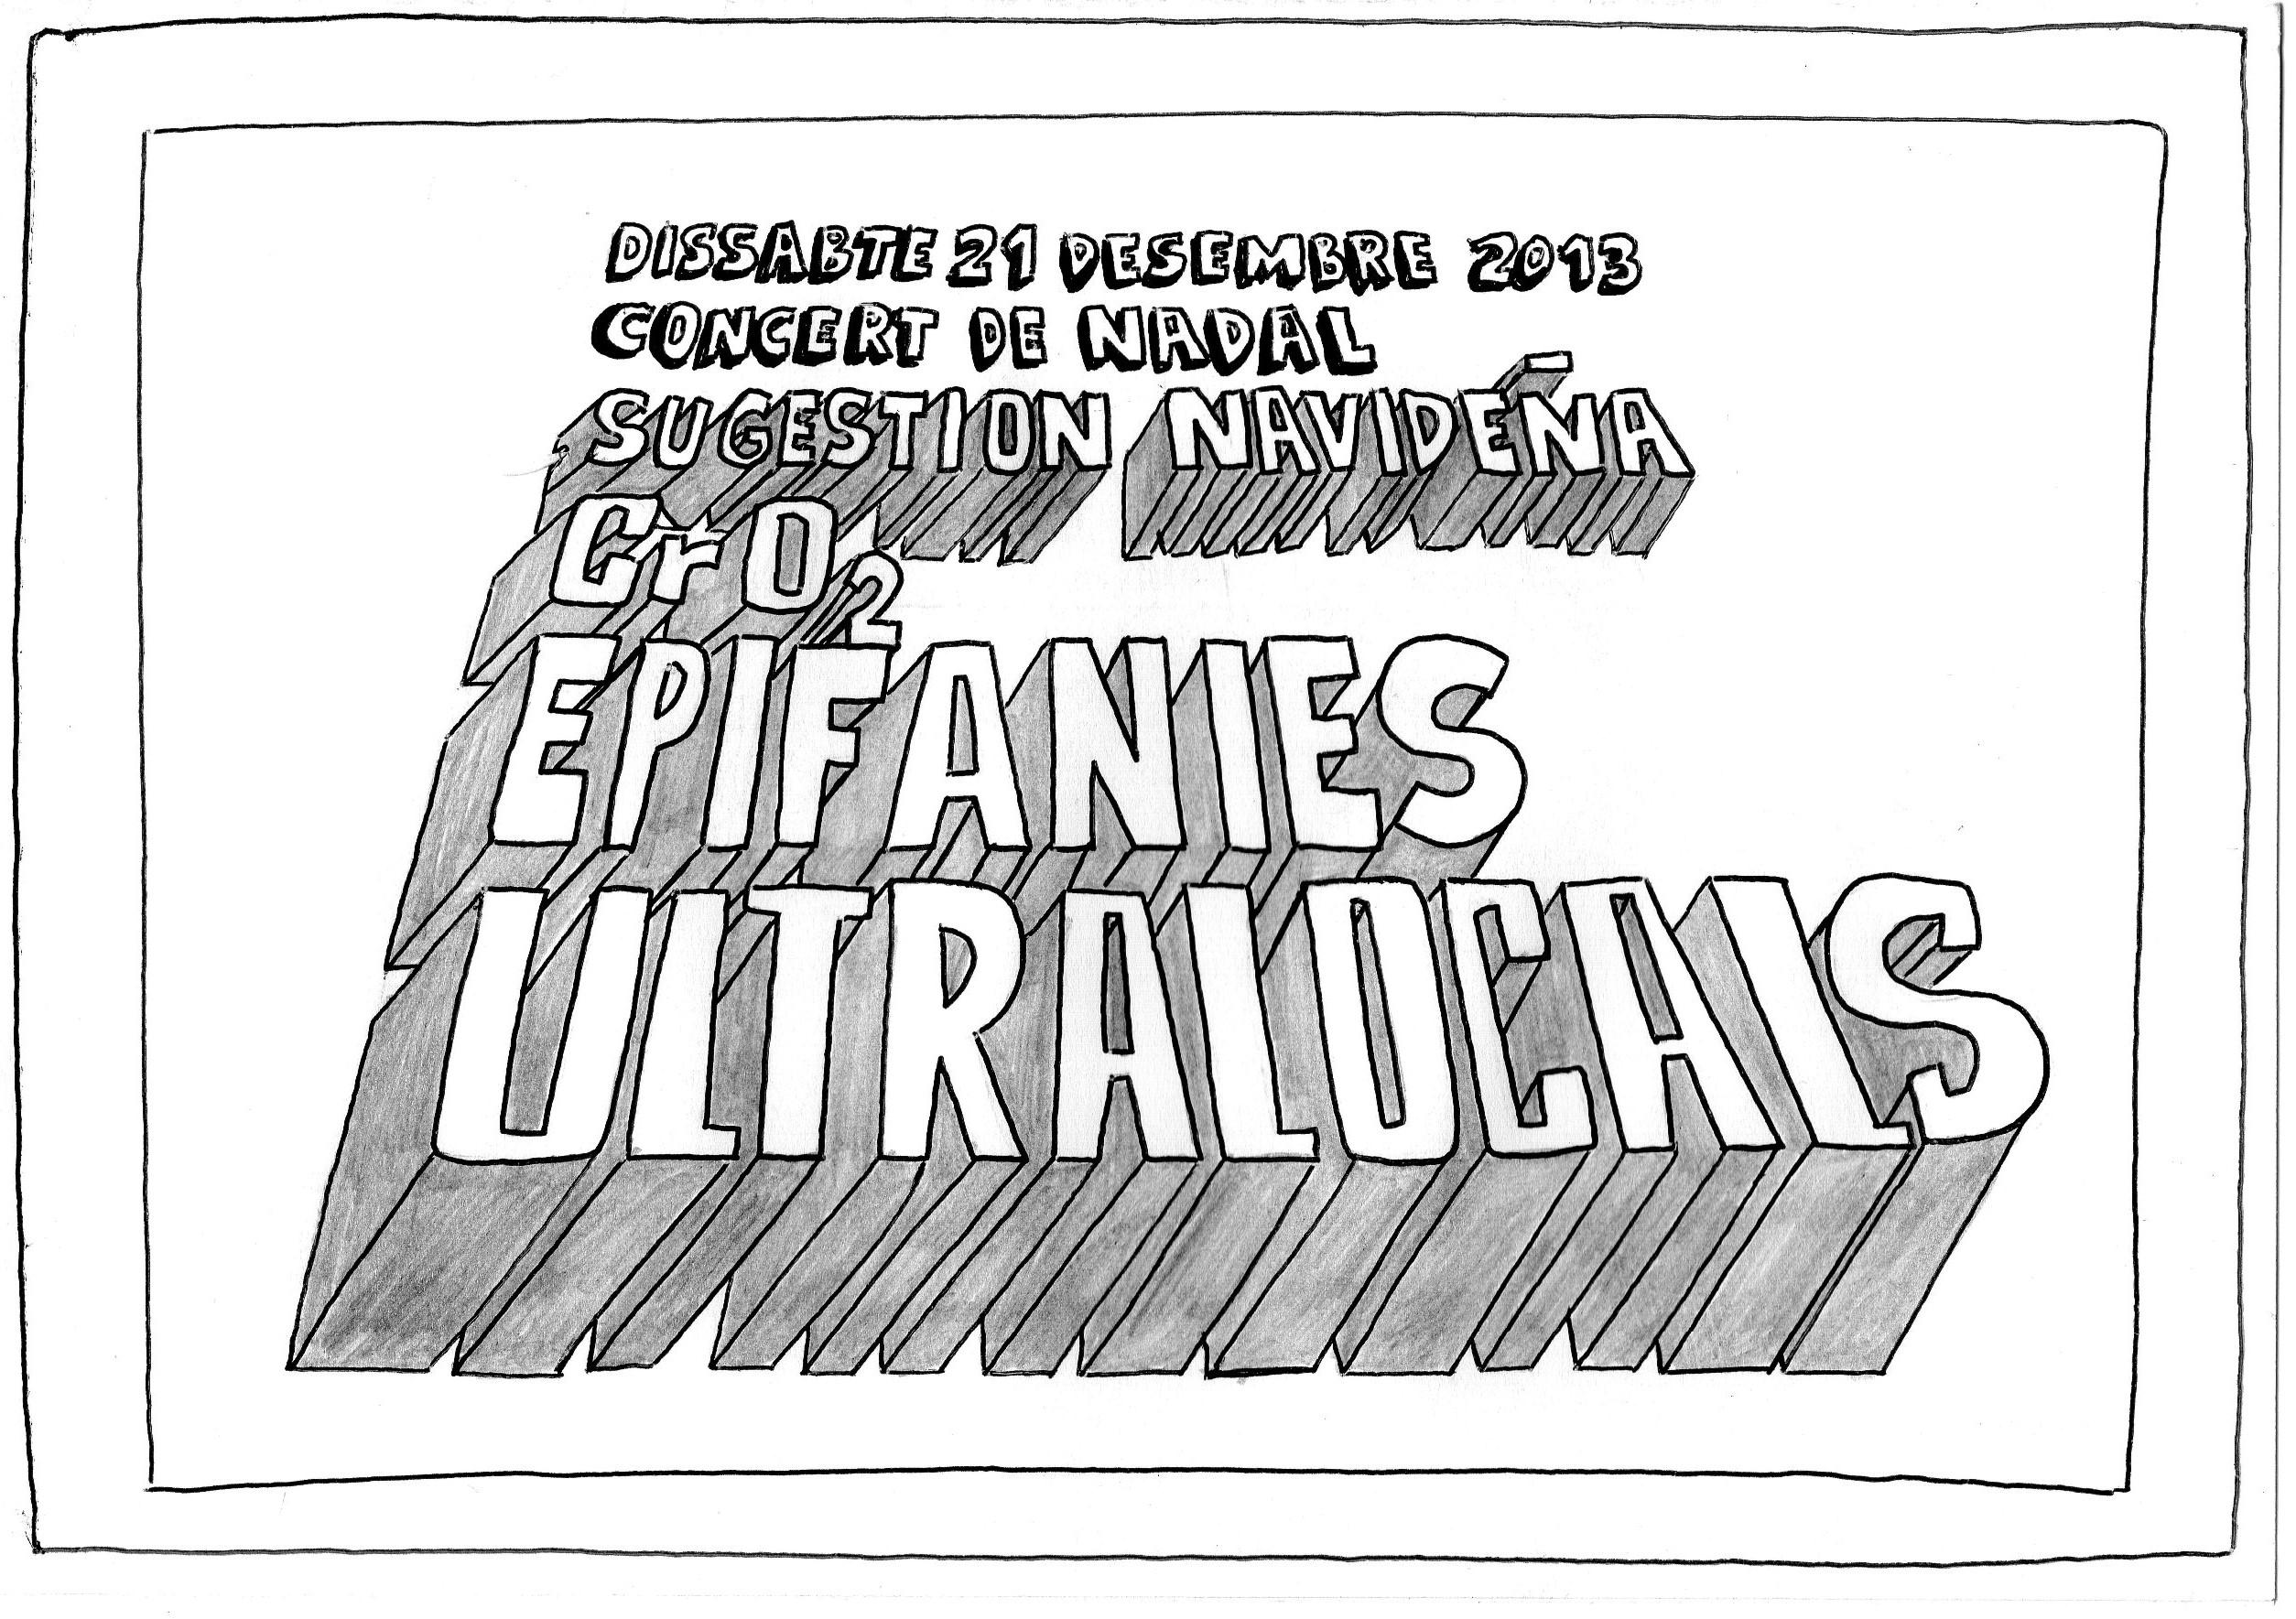 Epifanies Ultralocals: arriba el Concert de Nadal més experimental